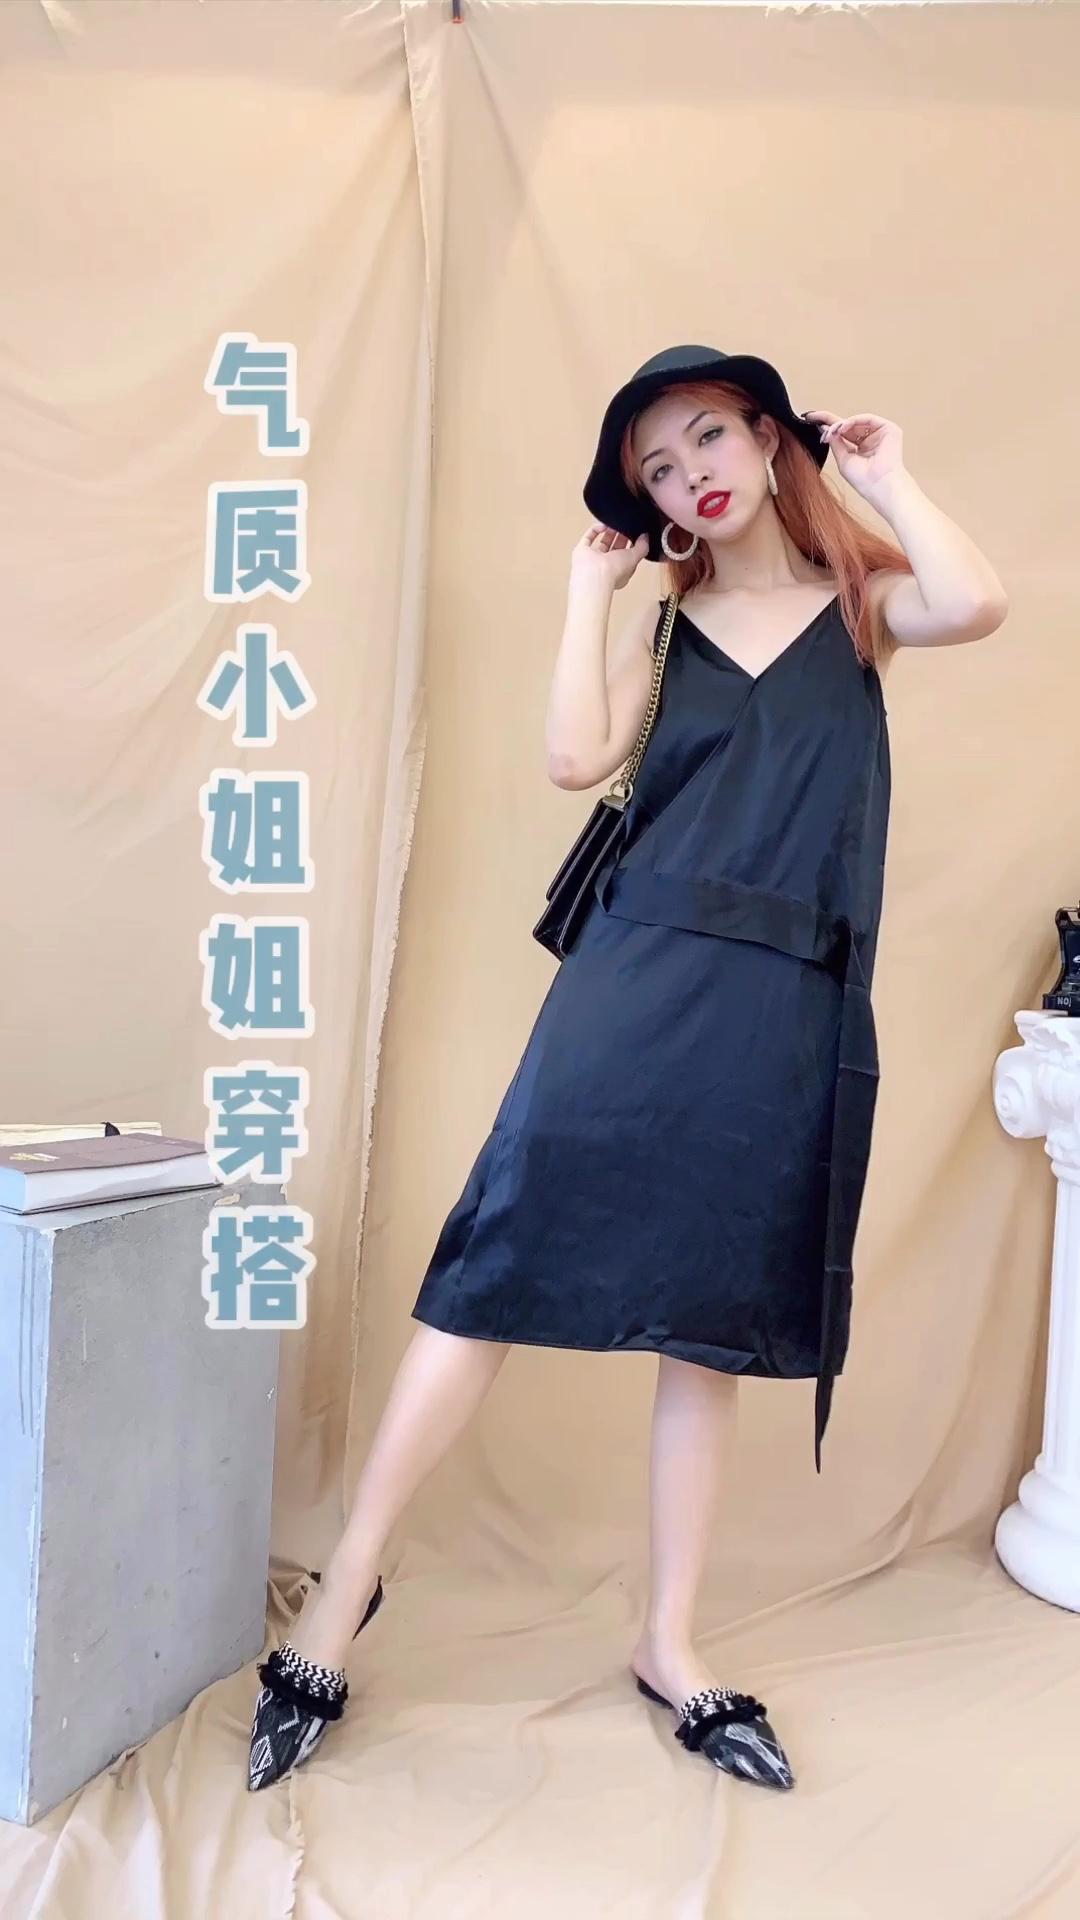 #蘑菇街新品测评# 显瘦优雅的V领连衣裙 缎面的材质非常淑女 颜色比较稳重 很大方 看似普通的款式 实际上暗含小心机 腰部的飘带给整个造型加分不少